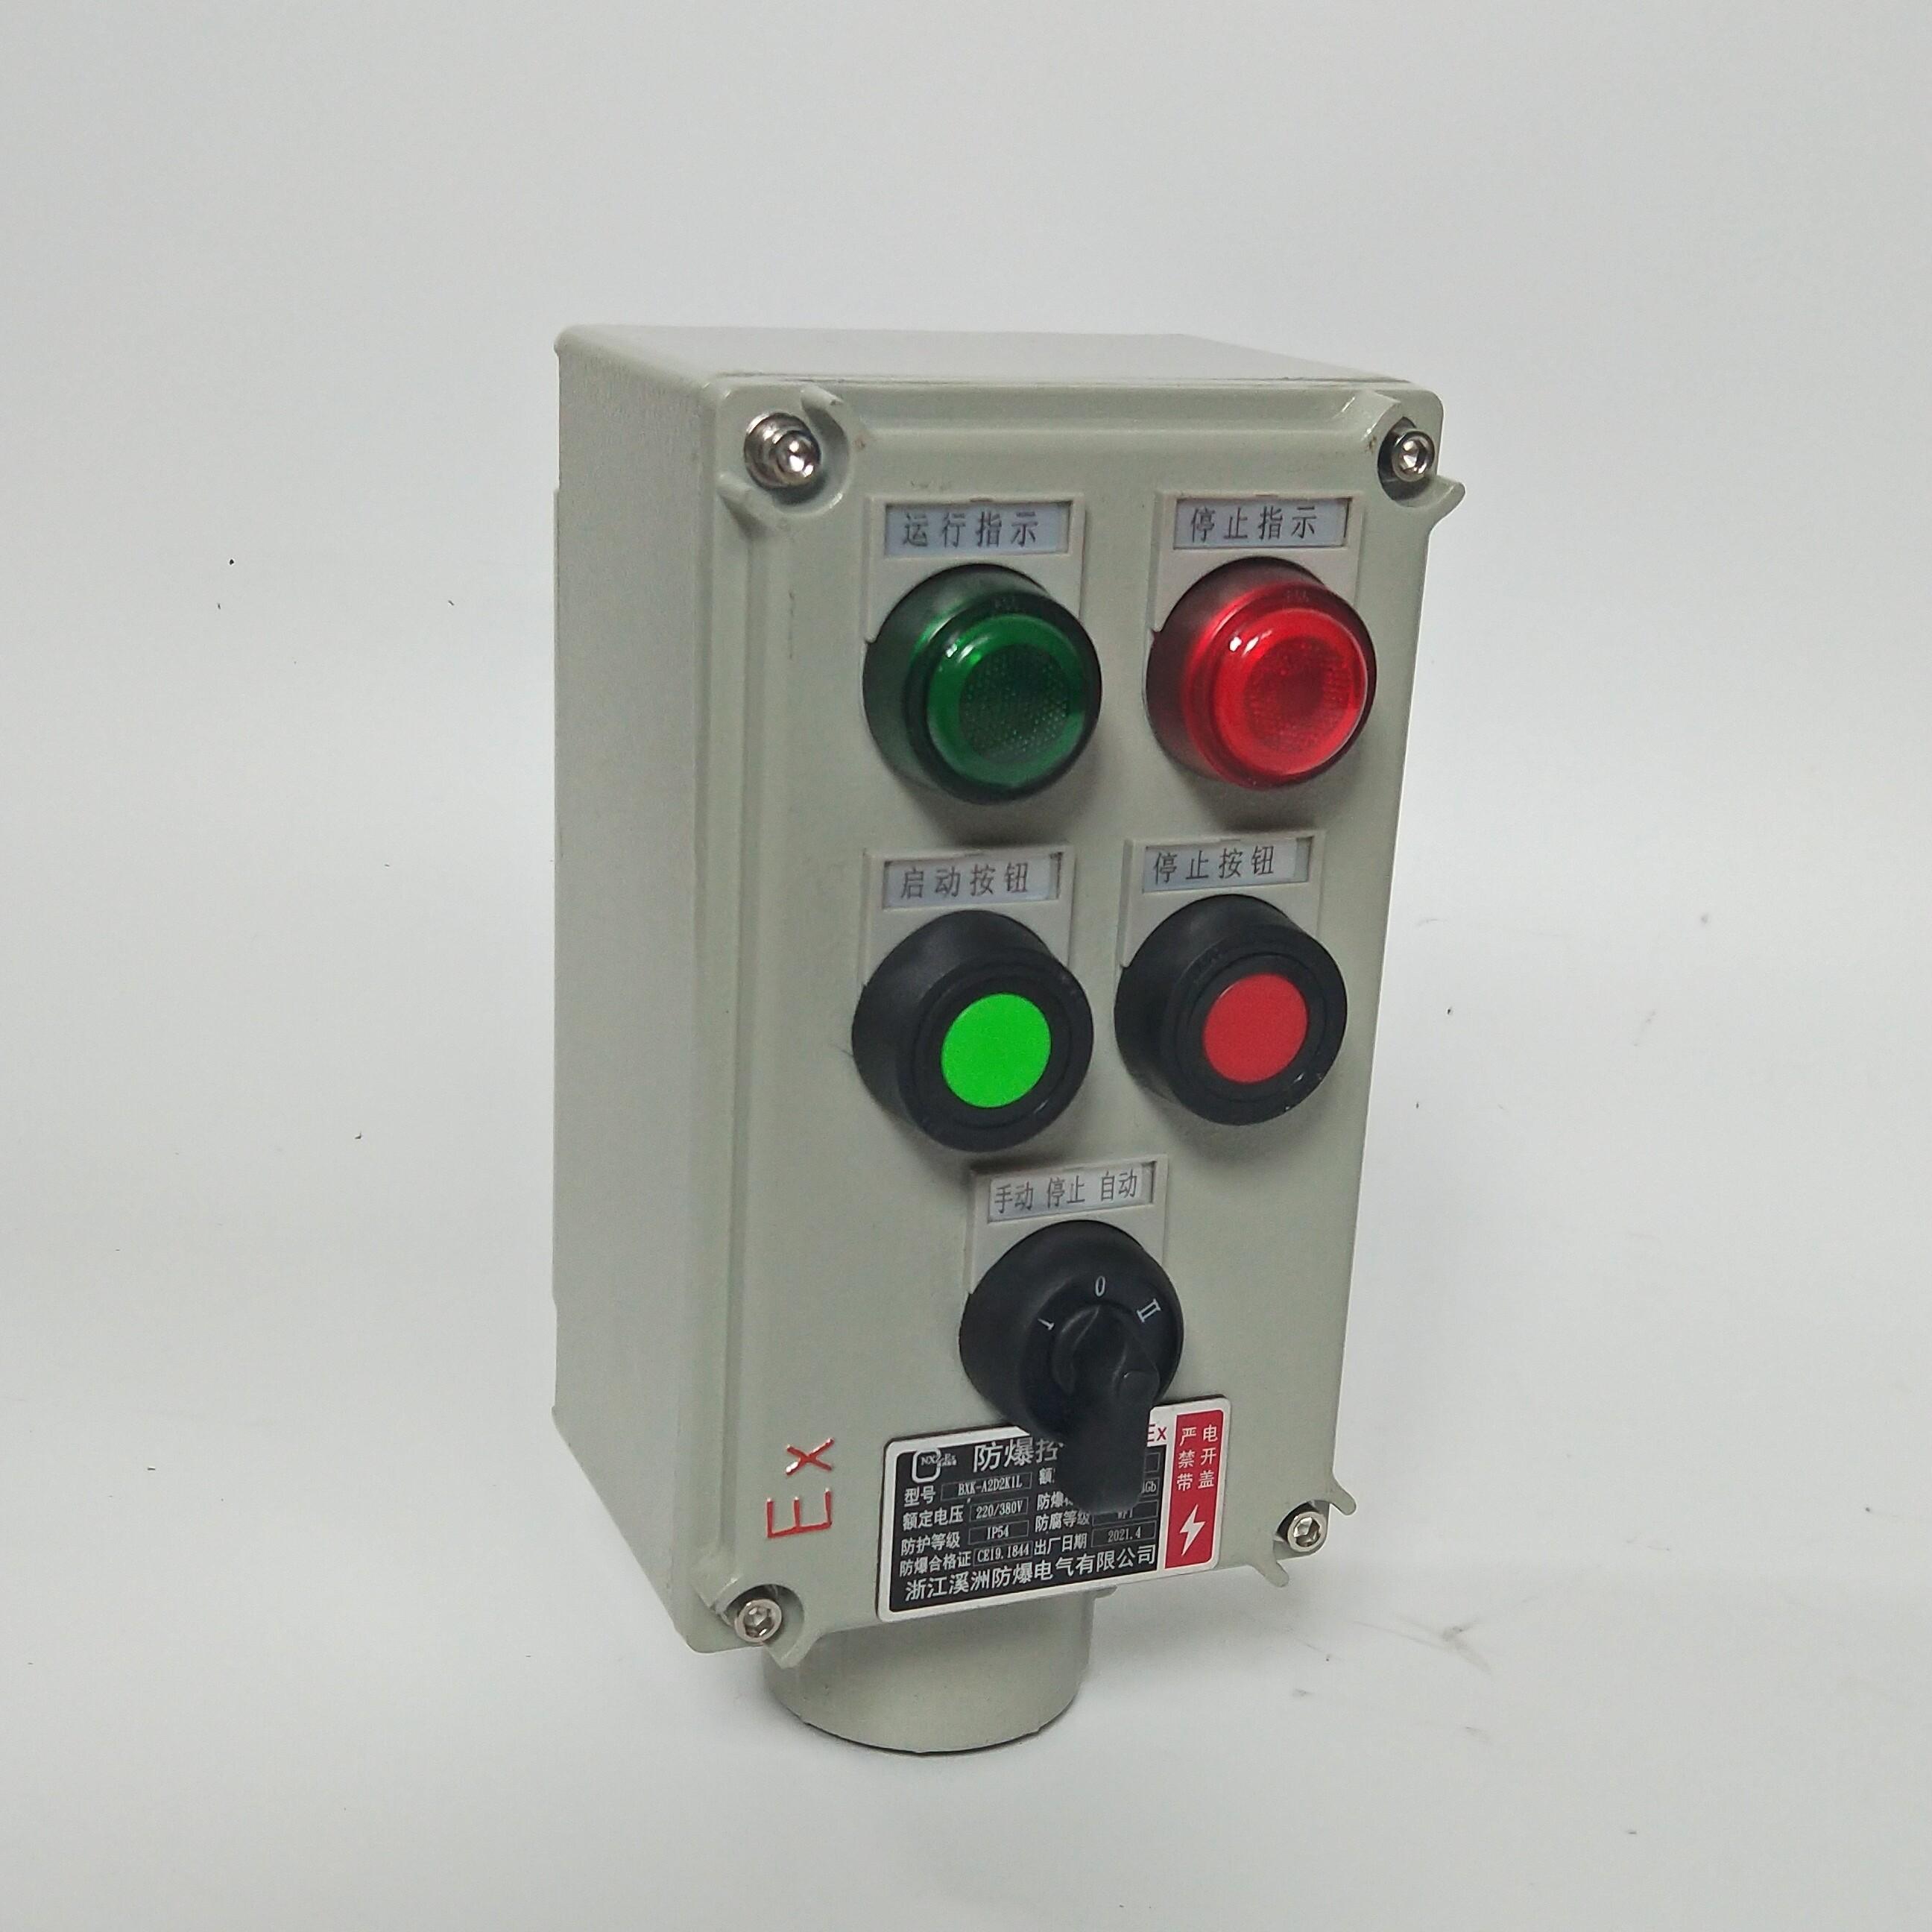 铝合金防爆操作柱就地远程控制